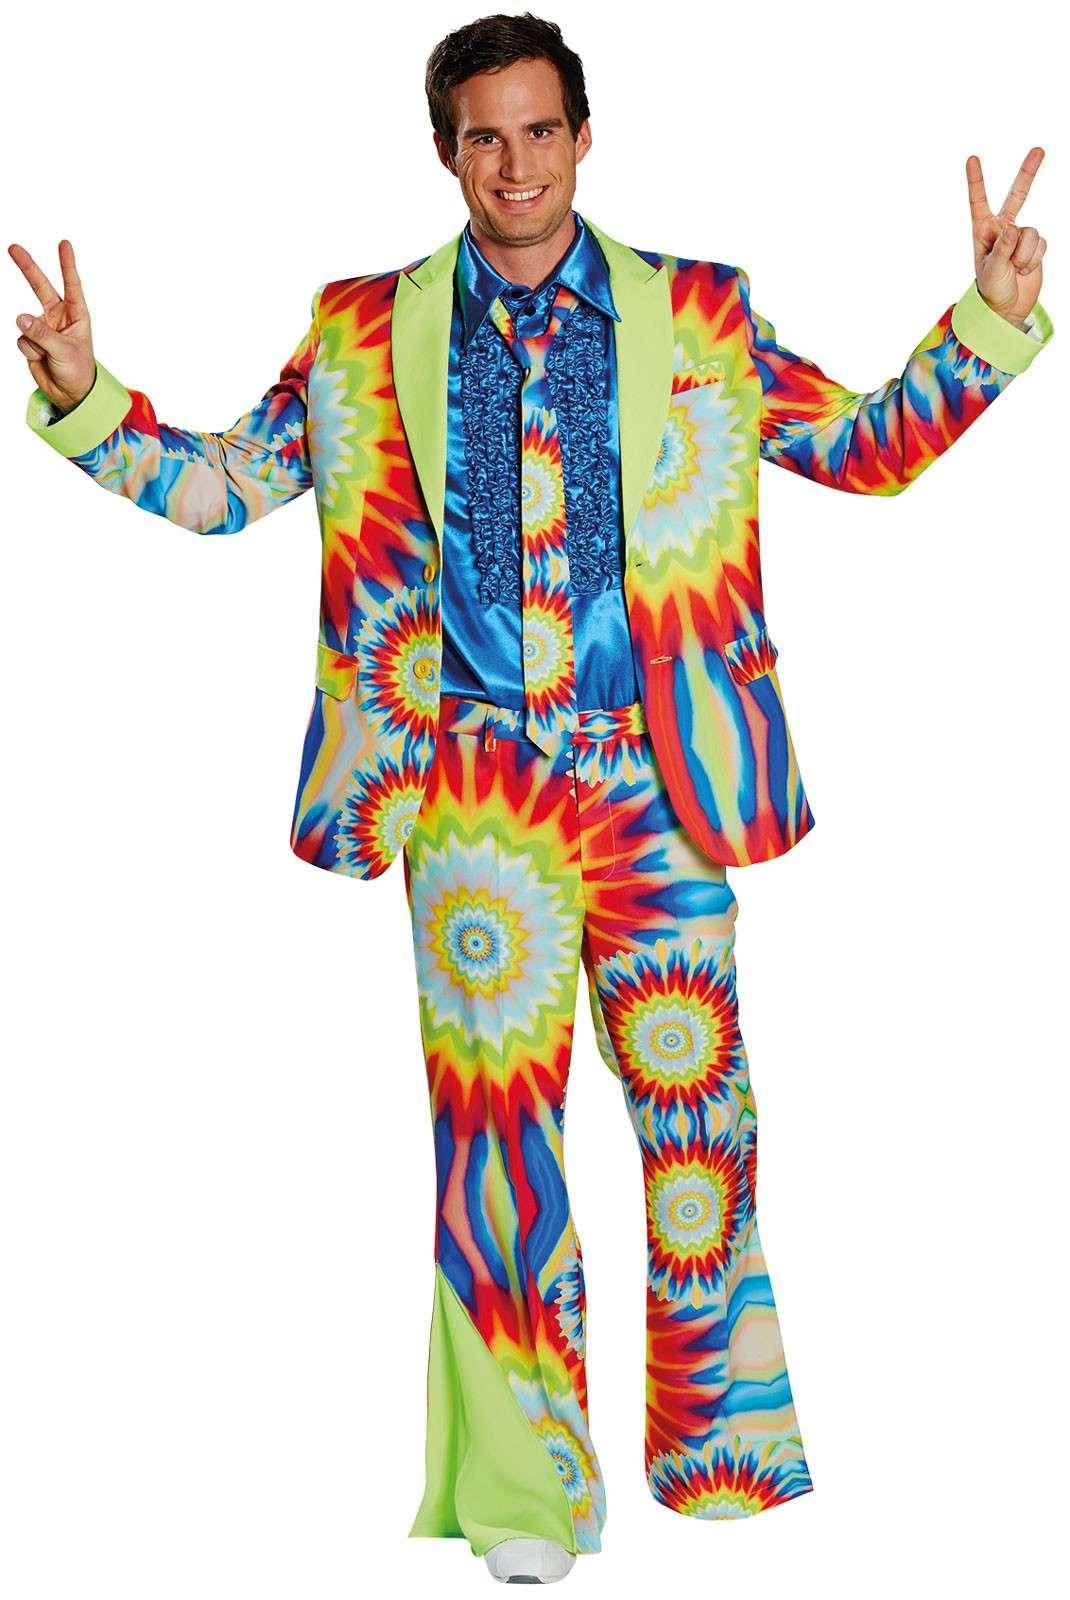 guenther groove hippie kostuem fuer herren 19tgkM8MQO12b4 1280x1280 2x